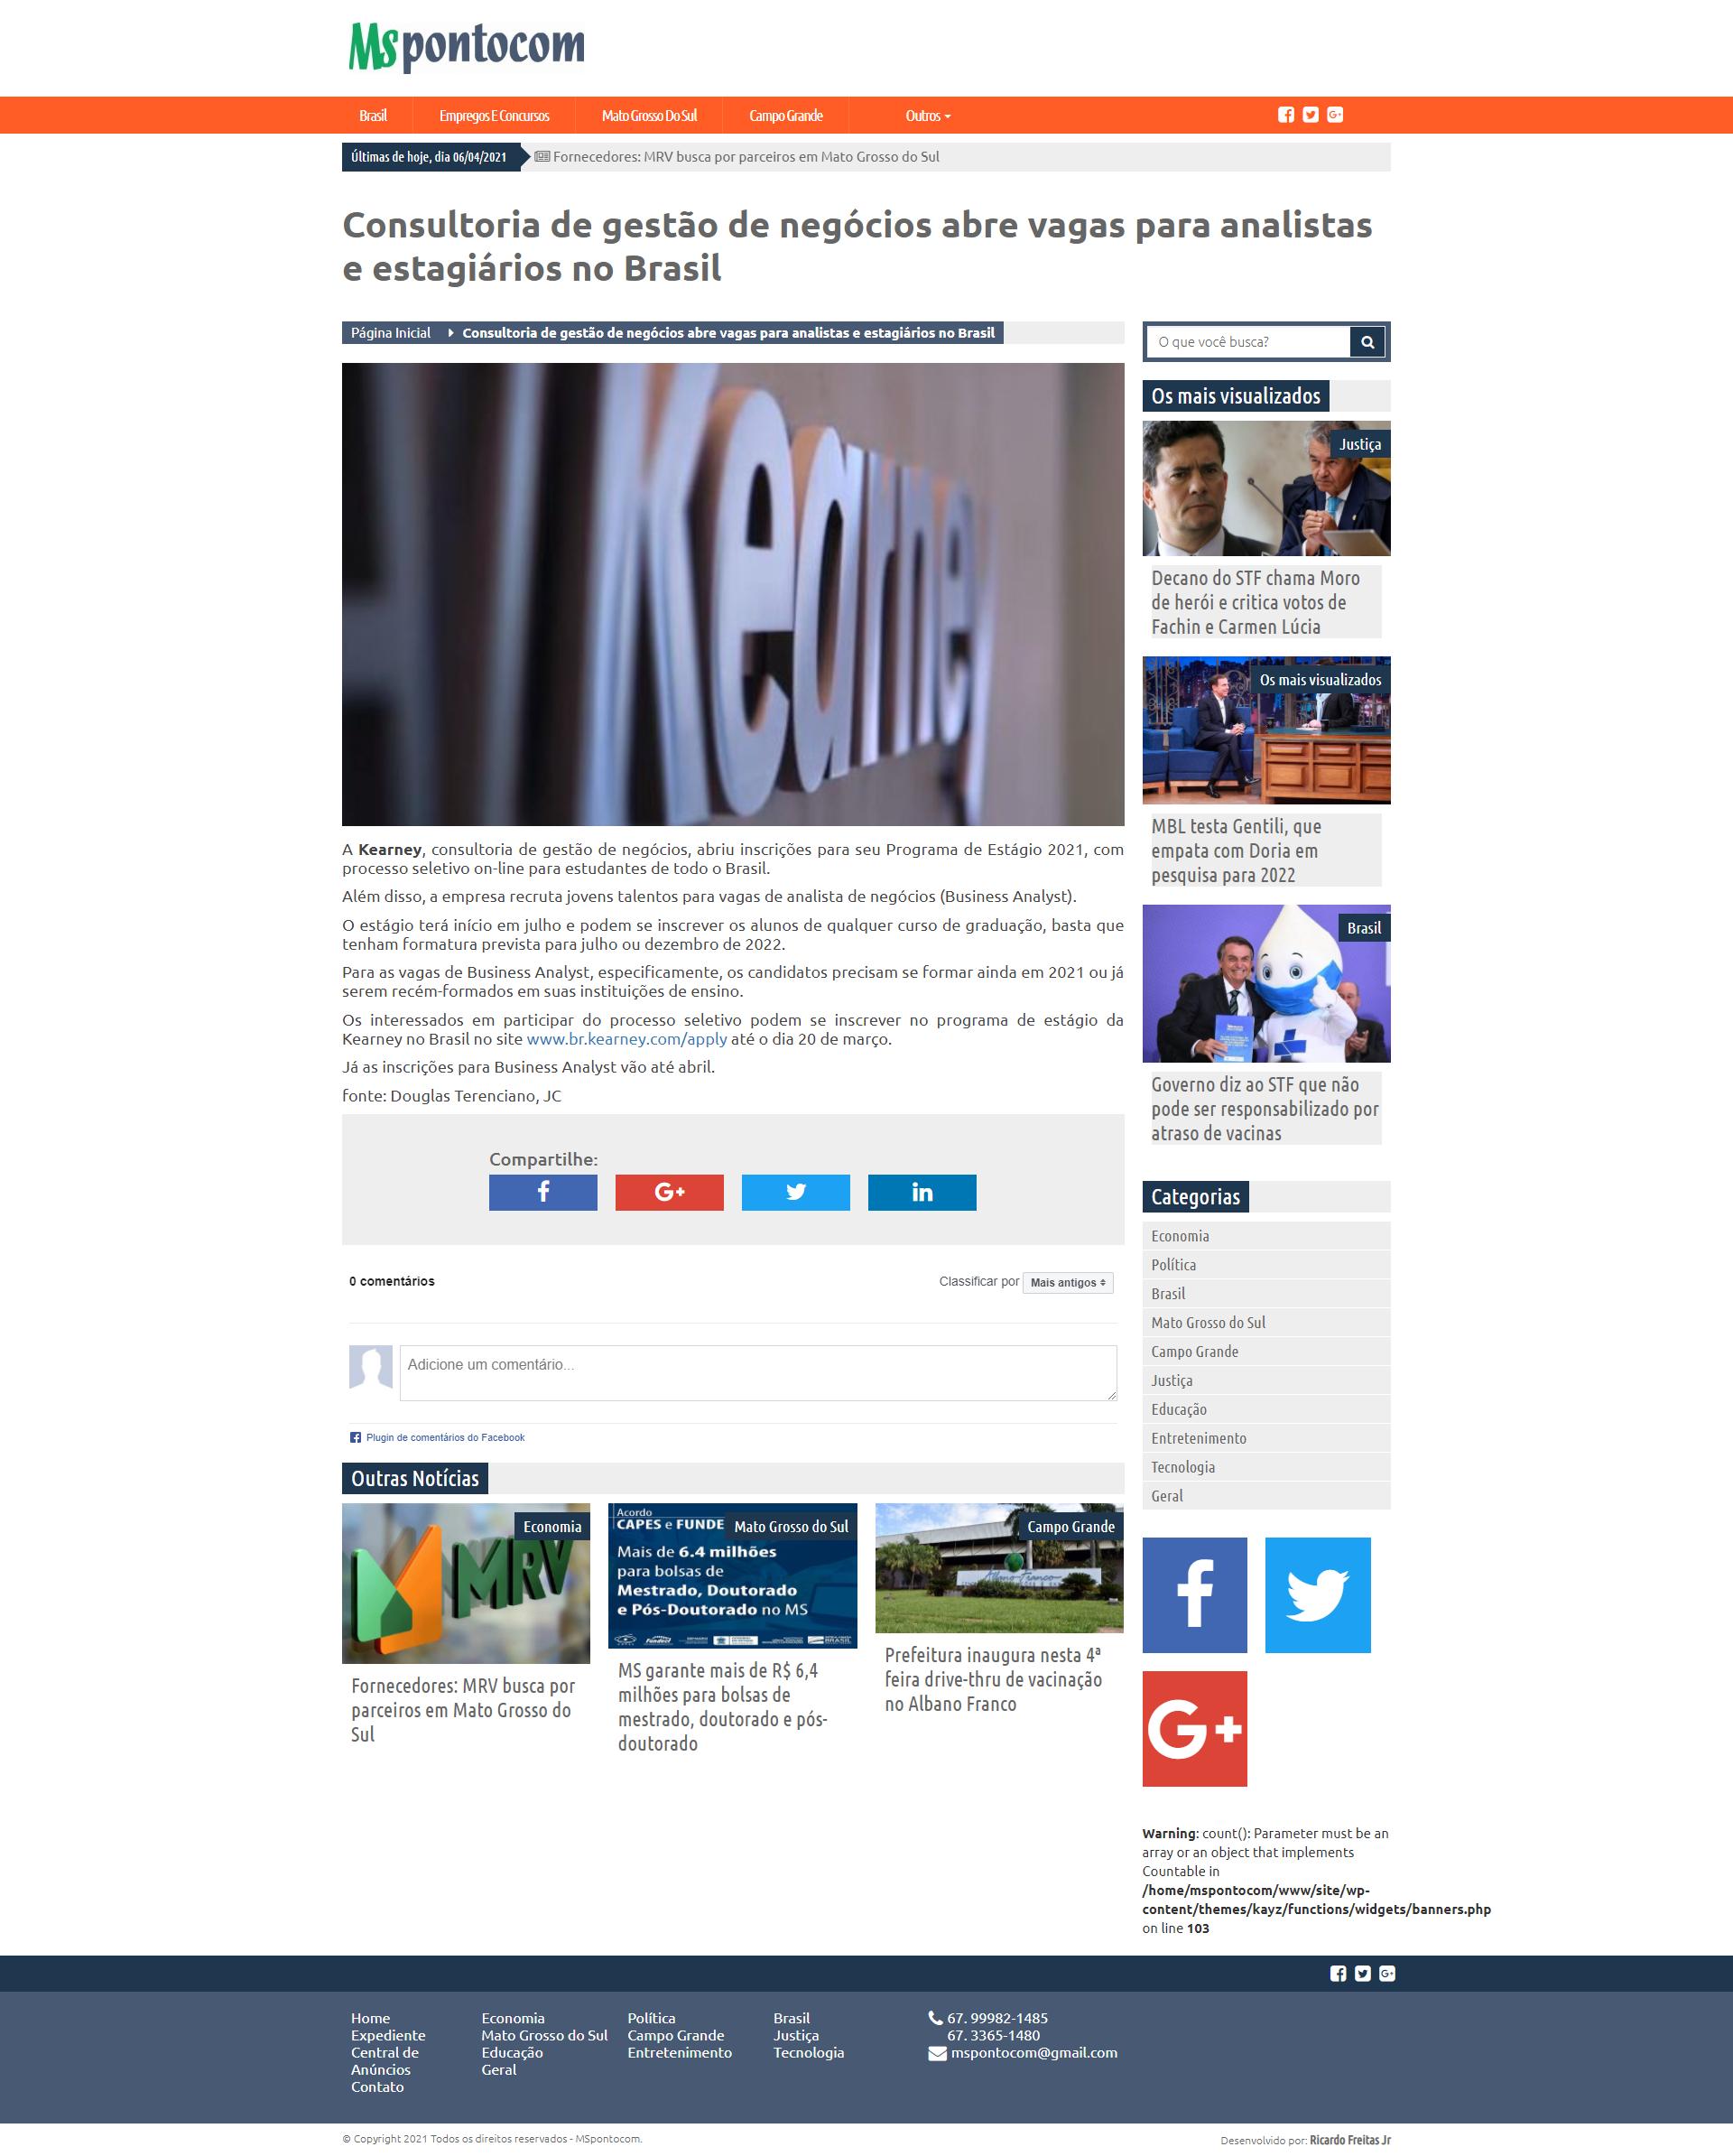 Consultoria de gestão de negócios abre vagas para analistas e estagiários no Brasil - MS Ponto Com